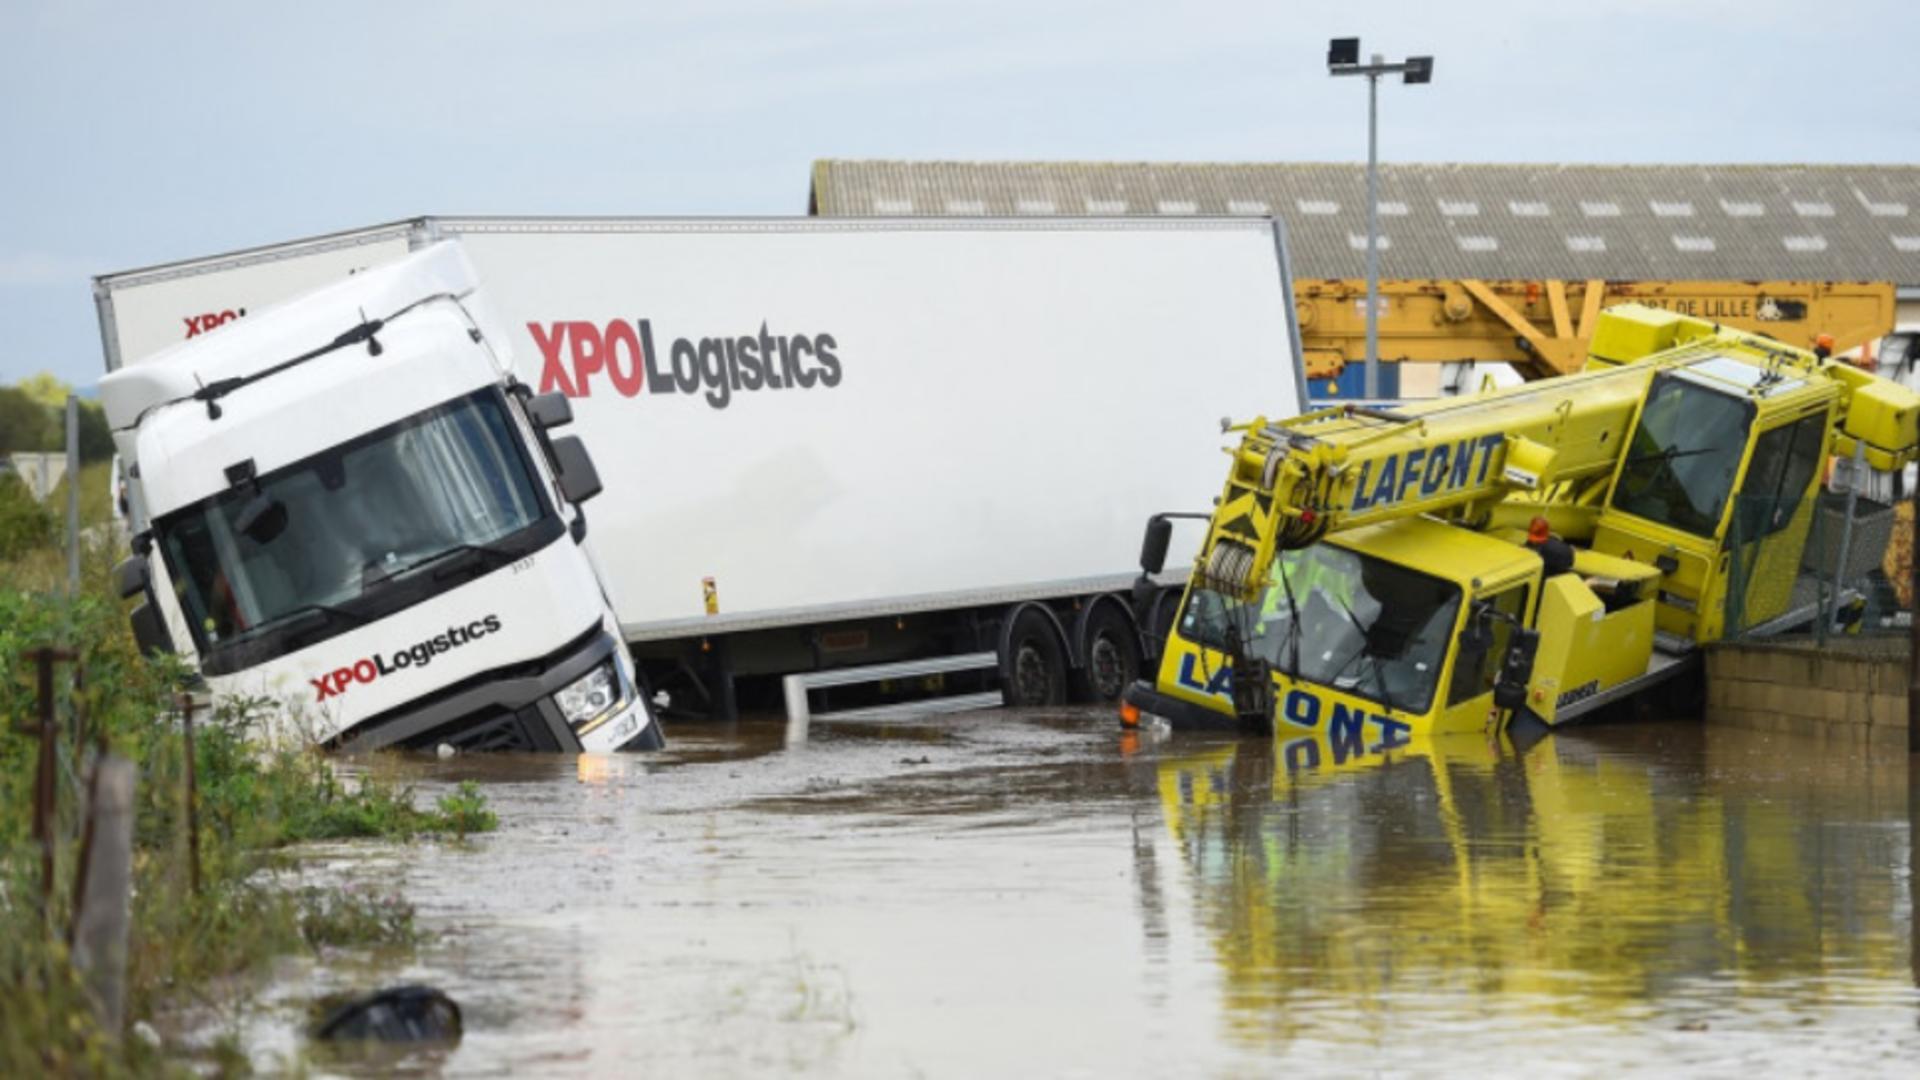 Inundații puternice în sudul Franței. Foto: Profimedia Images